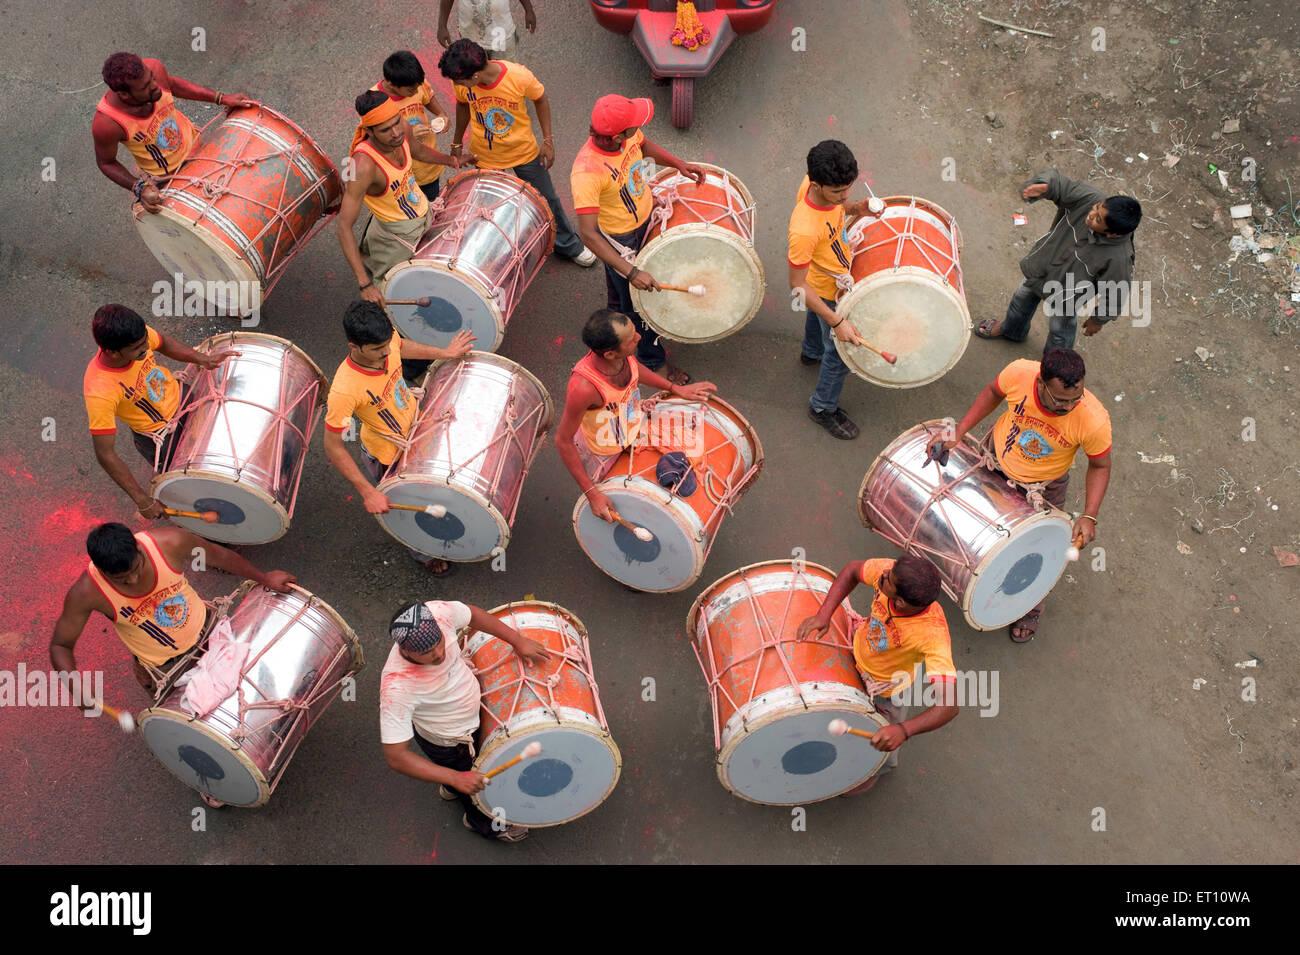 Band group beating big drum to Ganpati festival at Pune Maharashtra India Asia 2011 - Stock Image